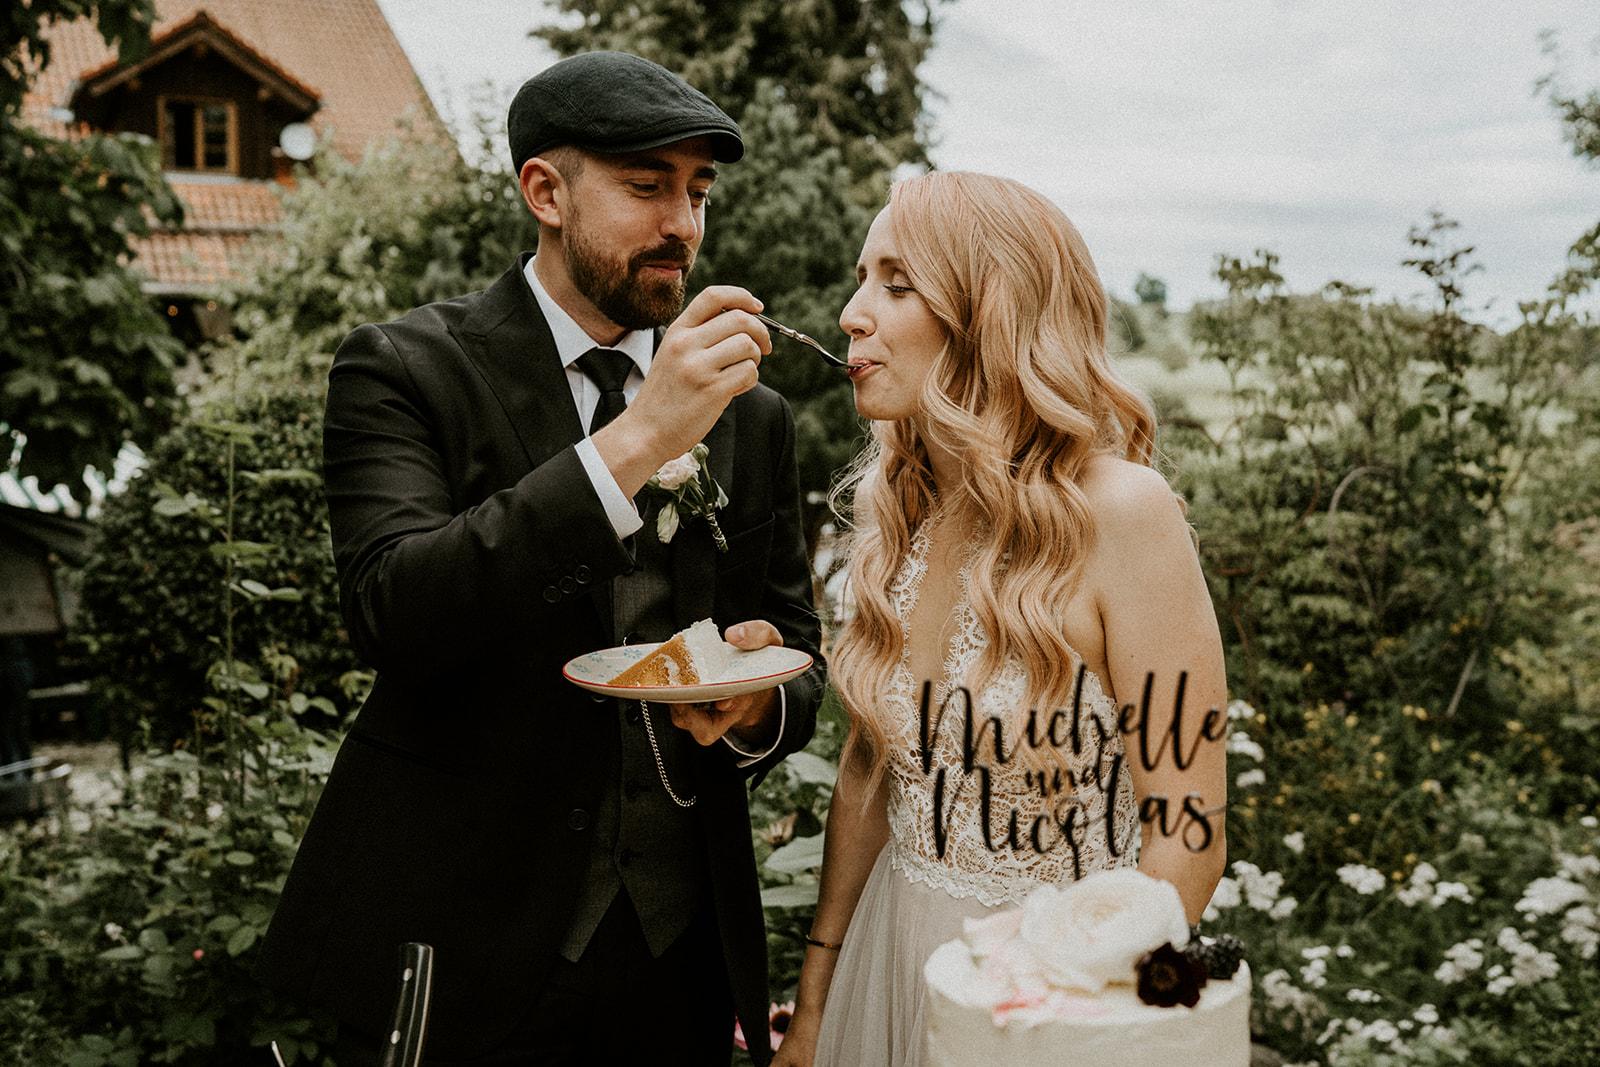 Hochzeitsblog Vorarlberg - Scheunenhochzeit am Gauklerhof - Ländle Wedding